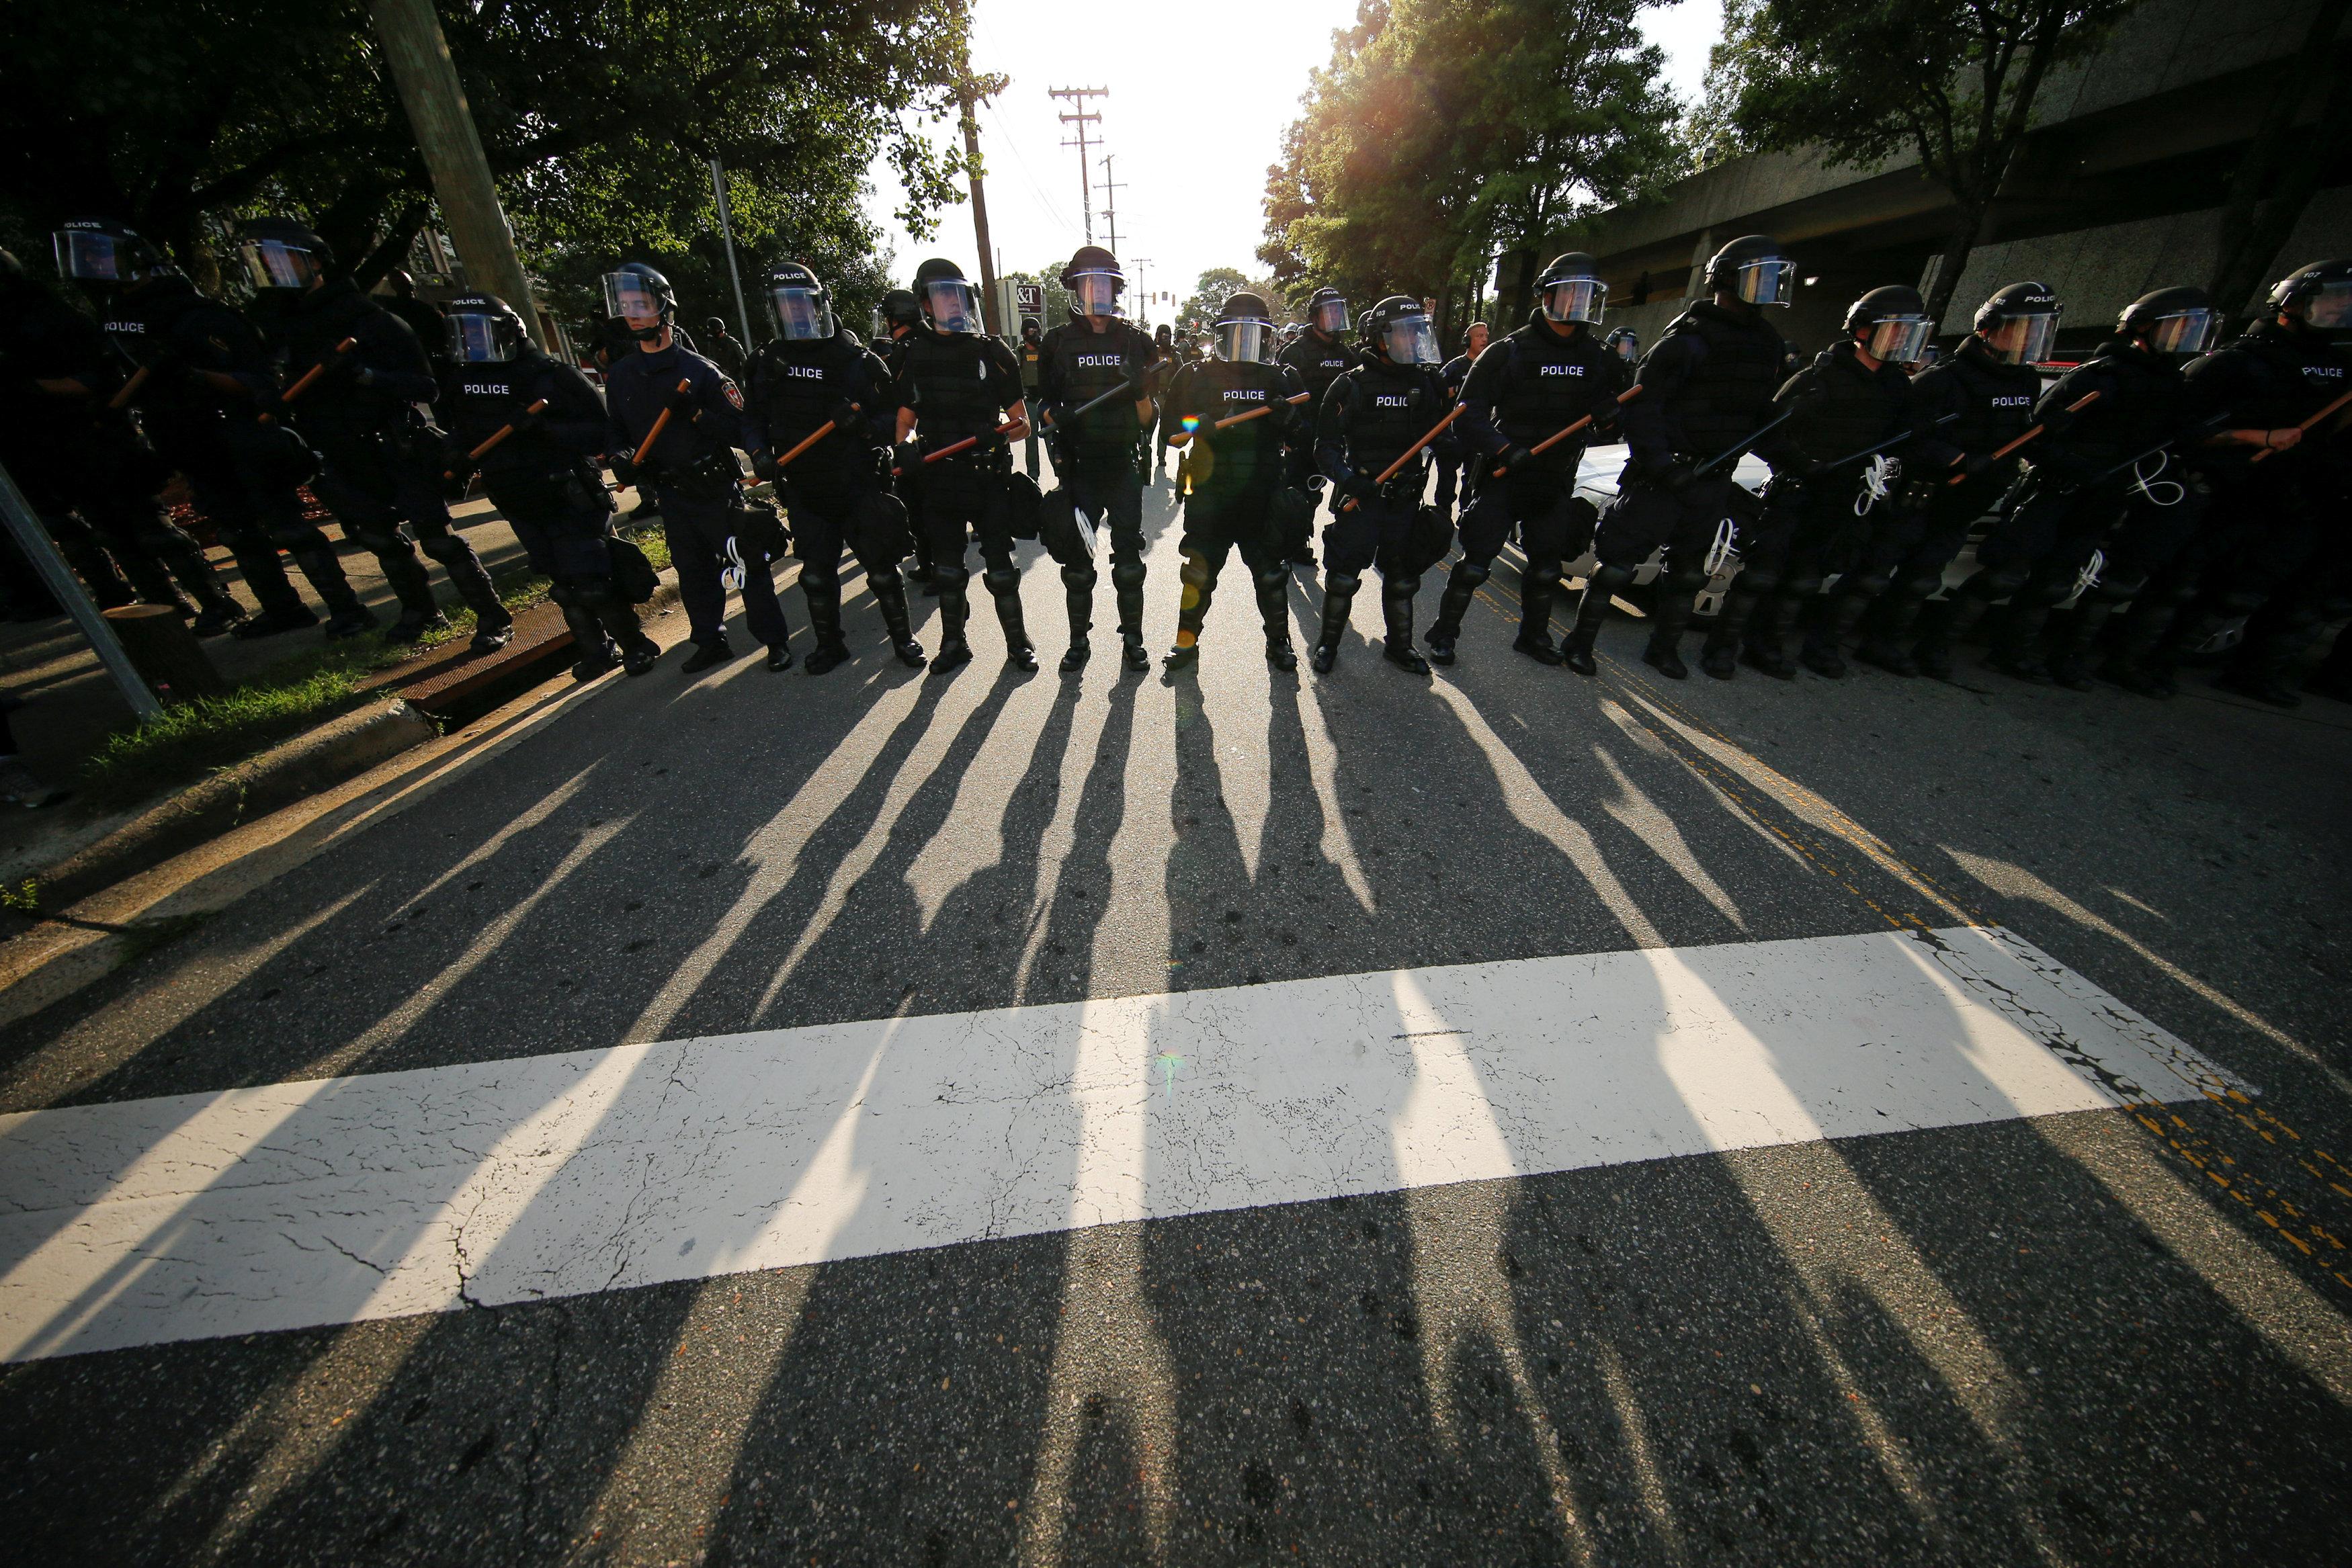 2017-08-19T004414Z_2047100638_RC153F3E0BC0_RTRMADP_3_USA-PROTESTS